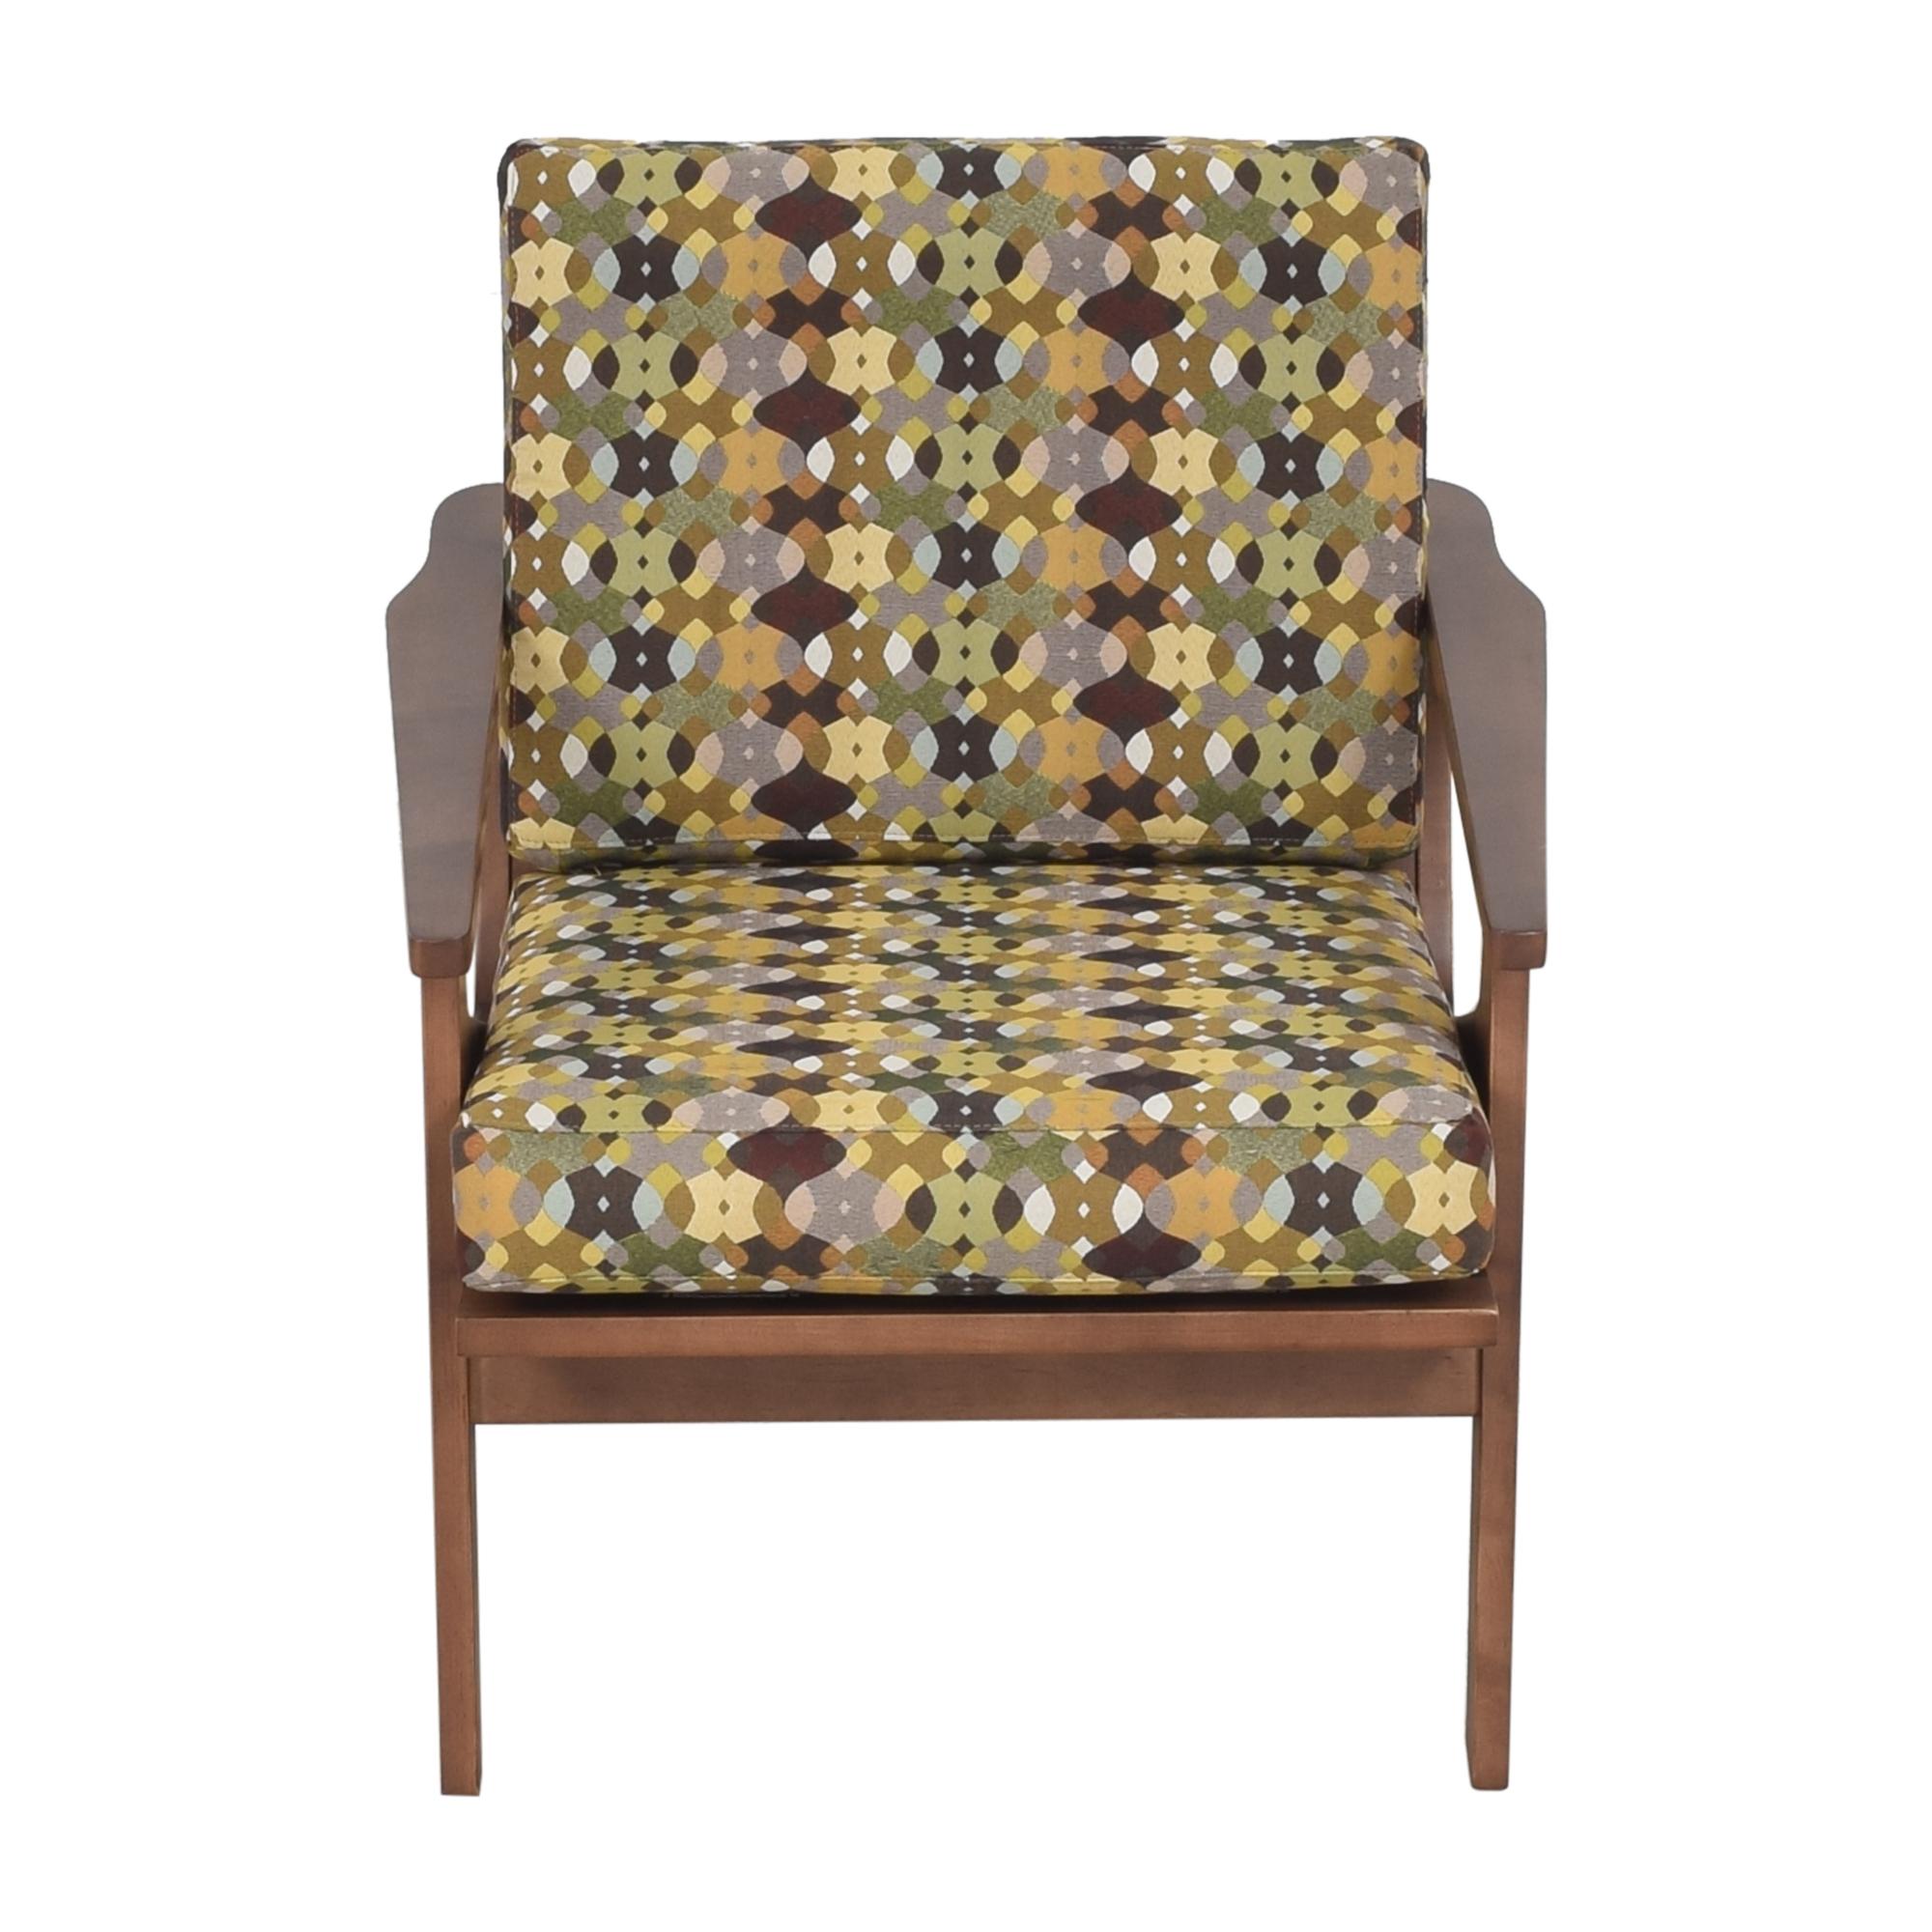 Room & Board Sanna Chair / Chairs